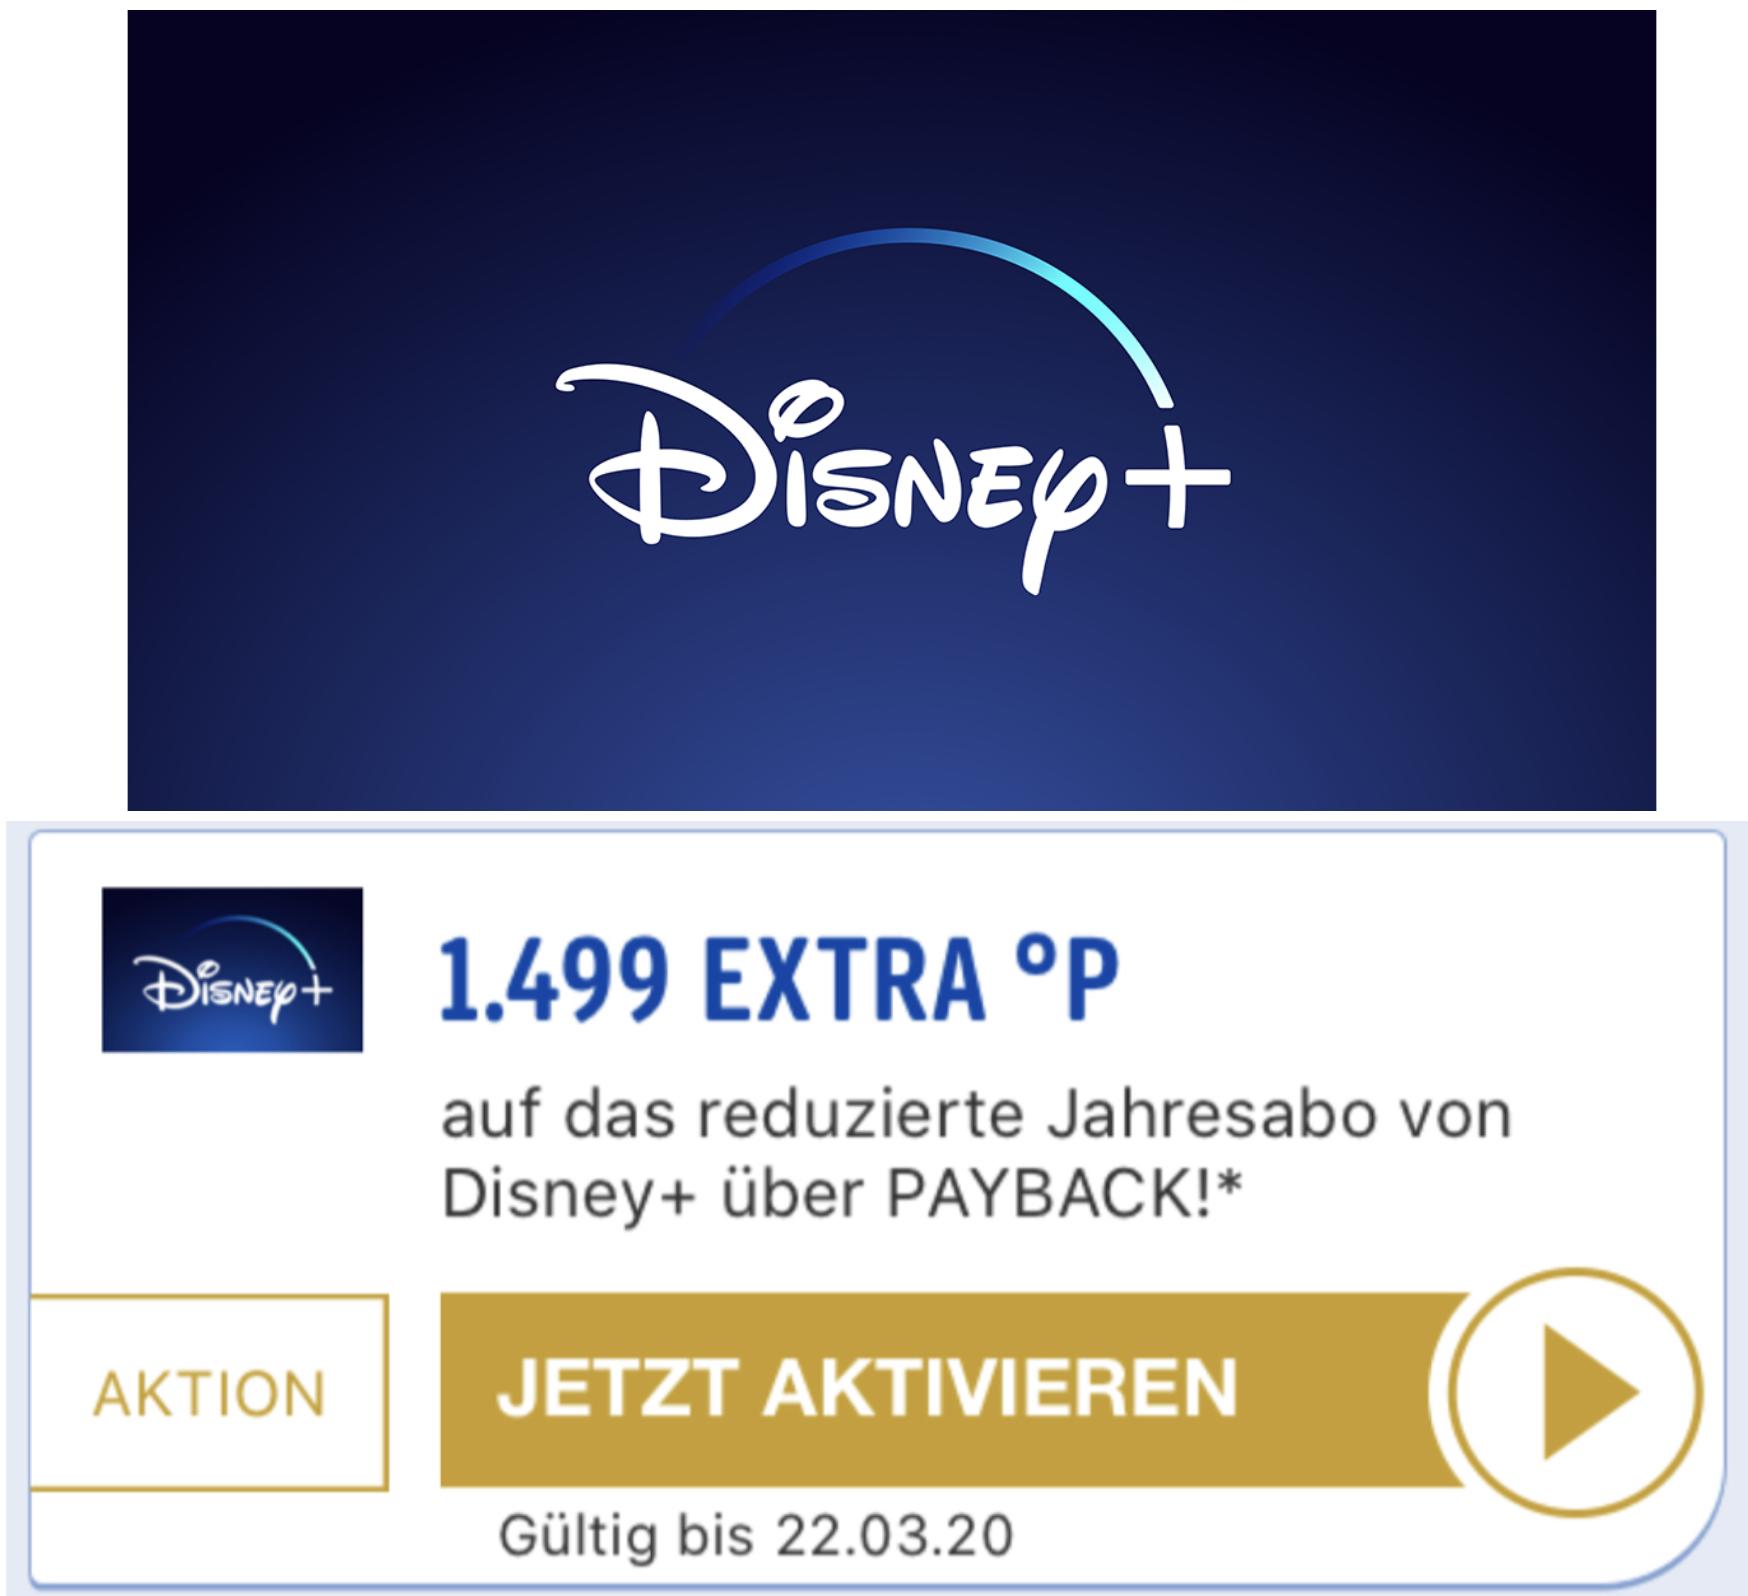 Payback: 1499 Extra Punkte (+ 50 Punkte) auf das reduzierte Disney+ Jahresabo - entspricht 14,99€ später auszahlbarem Cashback!